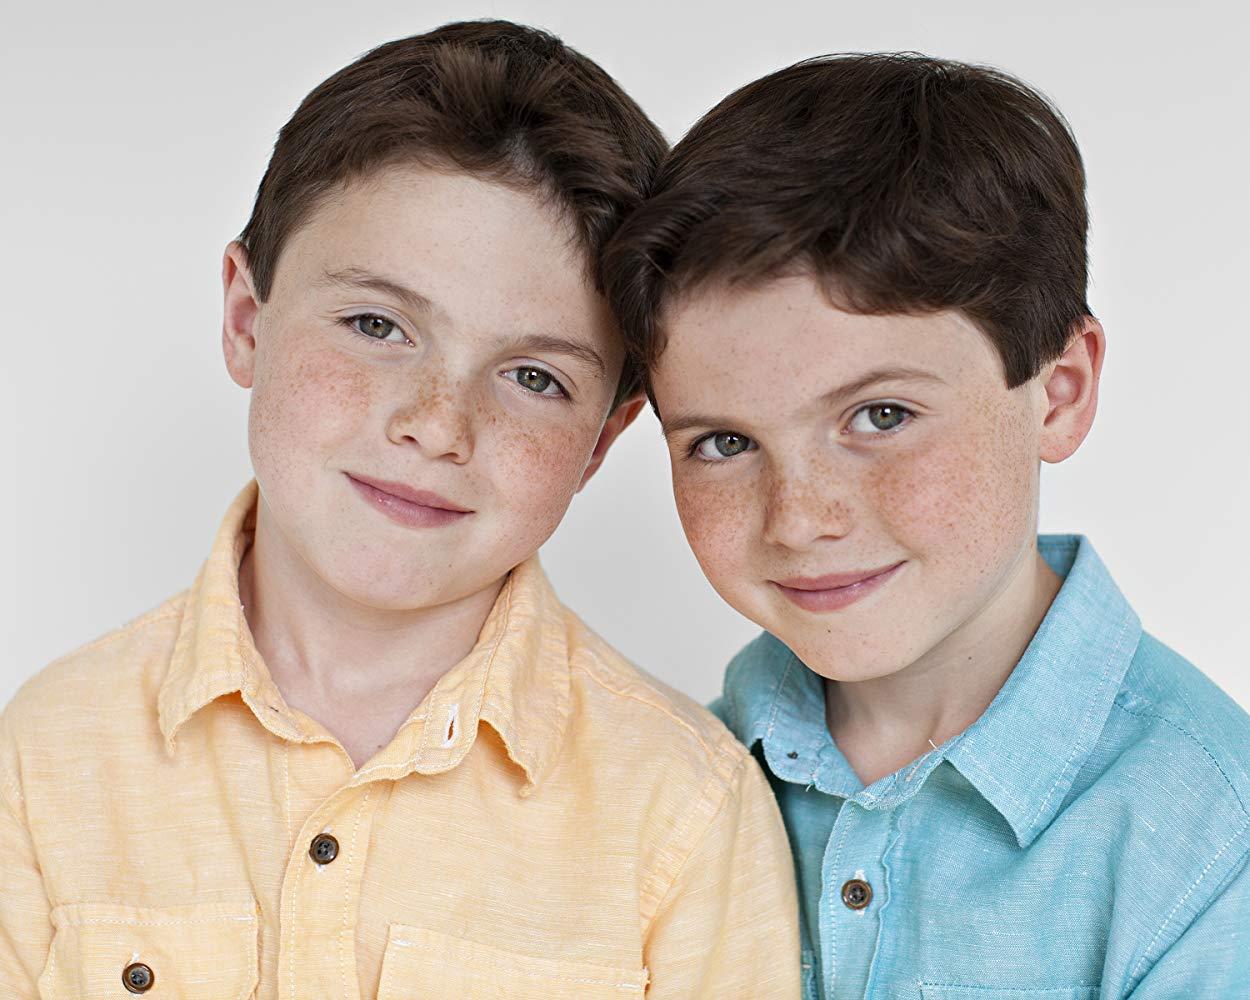 Brady Noon Amarican Child Actor